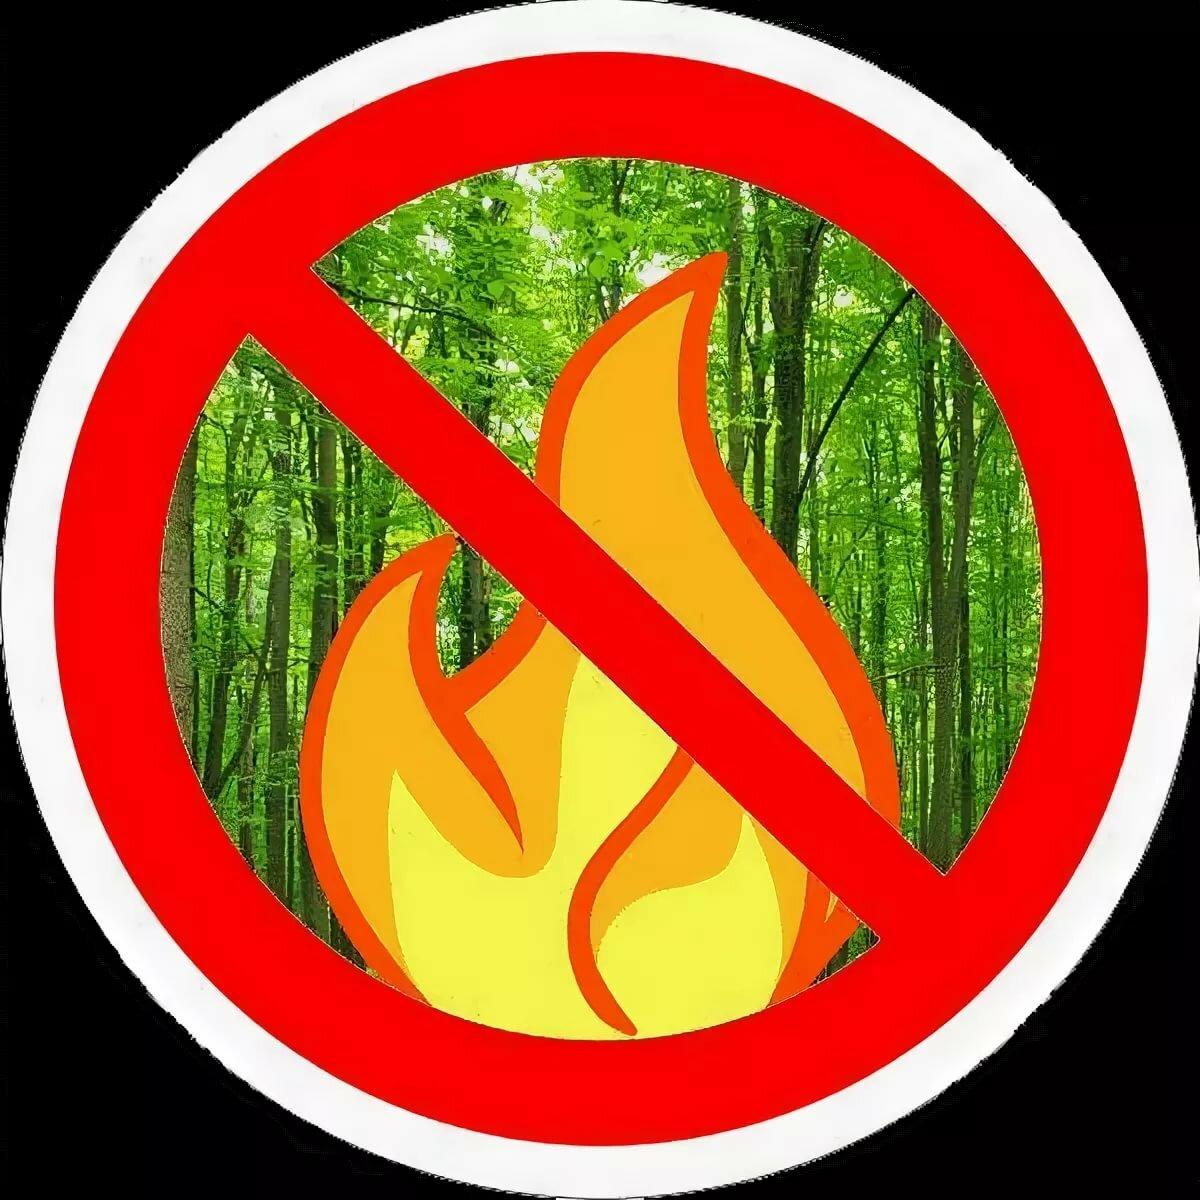 Знаки по защите леса в картинках